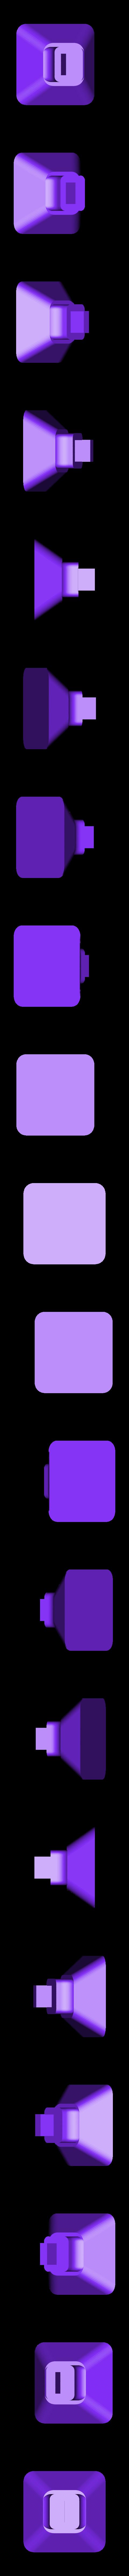 foot_1.stl Télécharger fichier STL gratuit Porte-bobine à filament modulaire • Plan à imprimer en 3D, Qelorliss